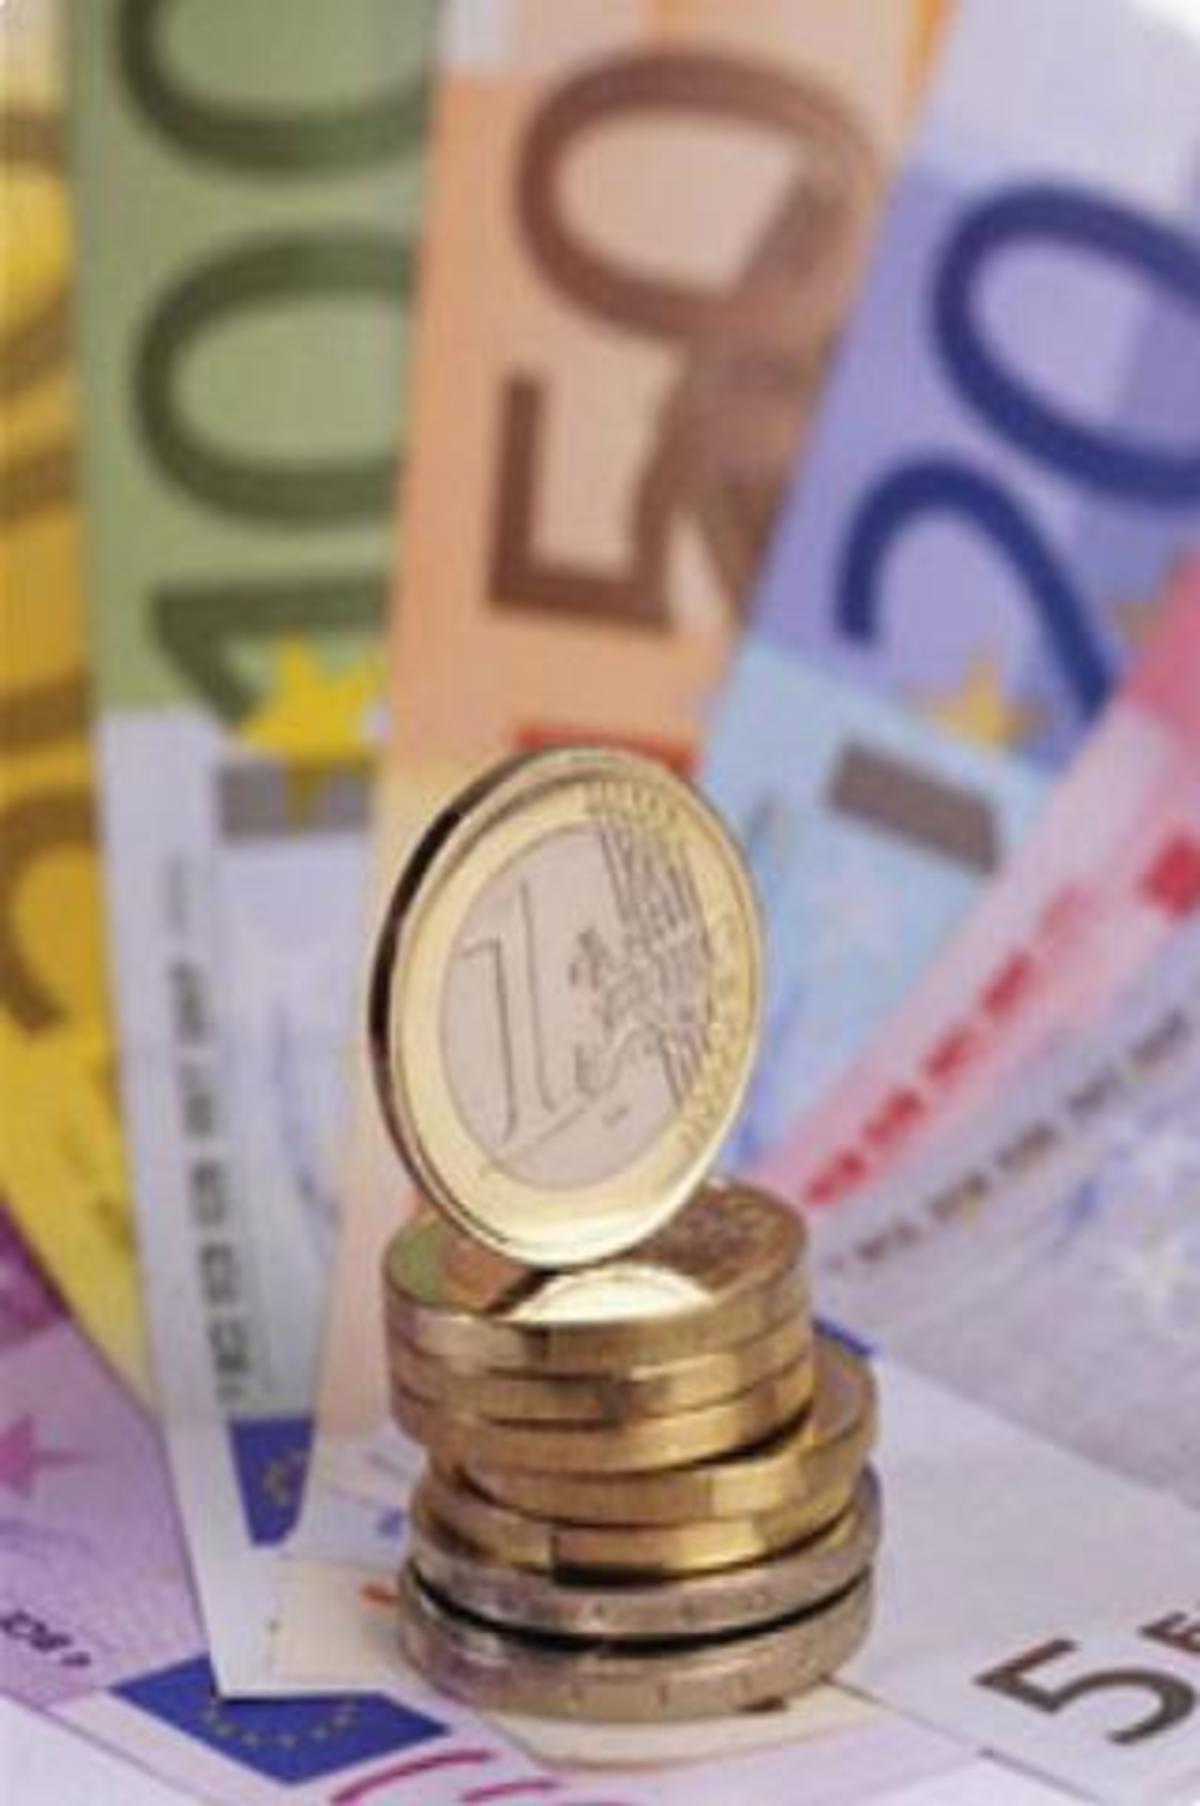 Ρευστοποιεί το Δημόσιο για να καλύψει χρέη | Newsit.gr